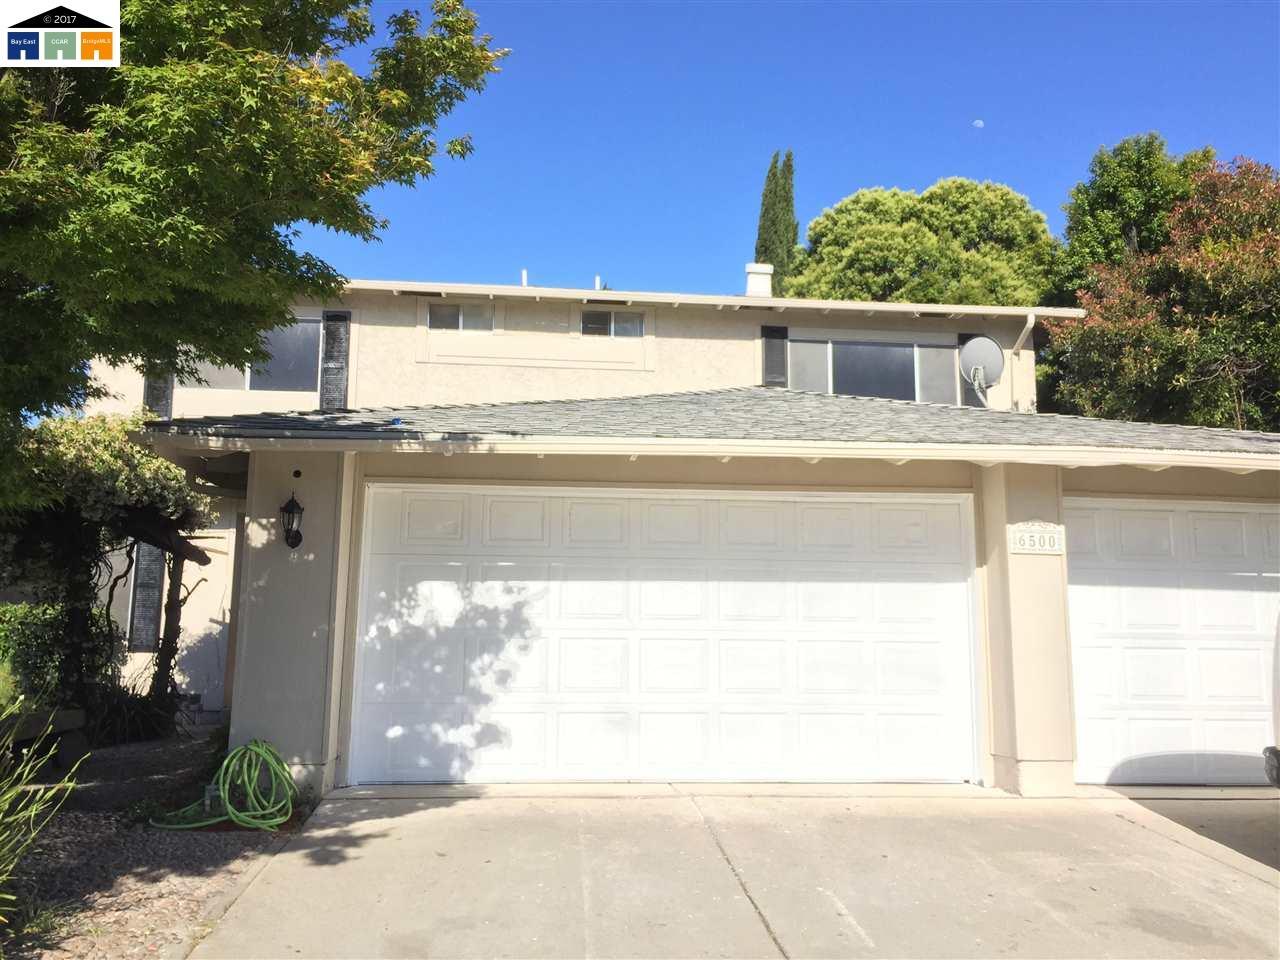 Casa Unifamiliar por un Venta en 6500 church Street Gilroy, California 95020 Estados Unidos